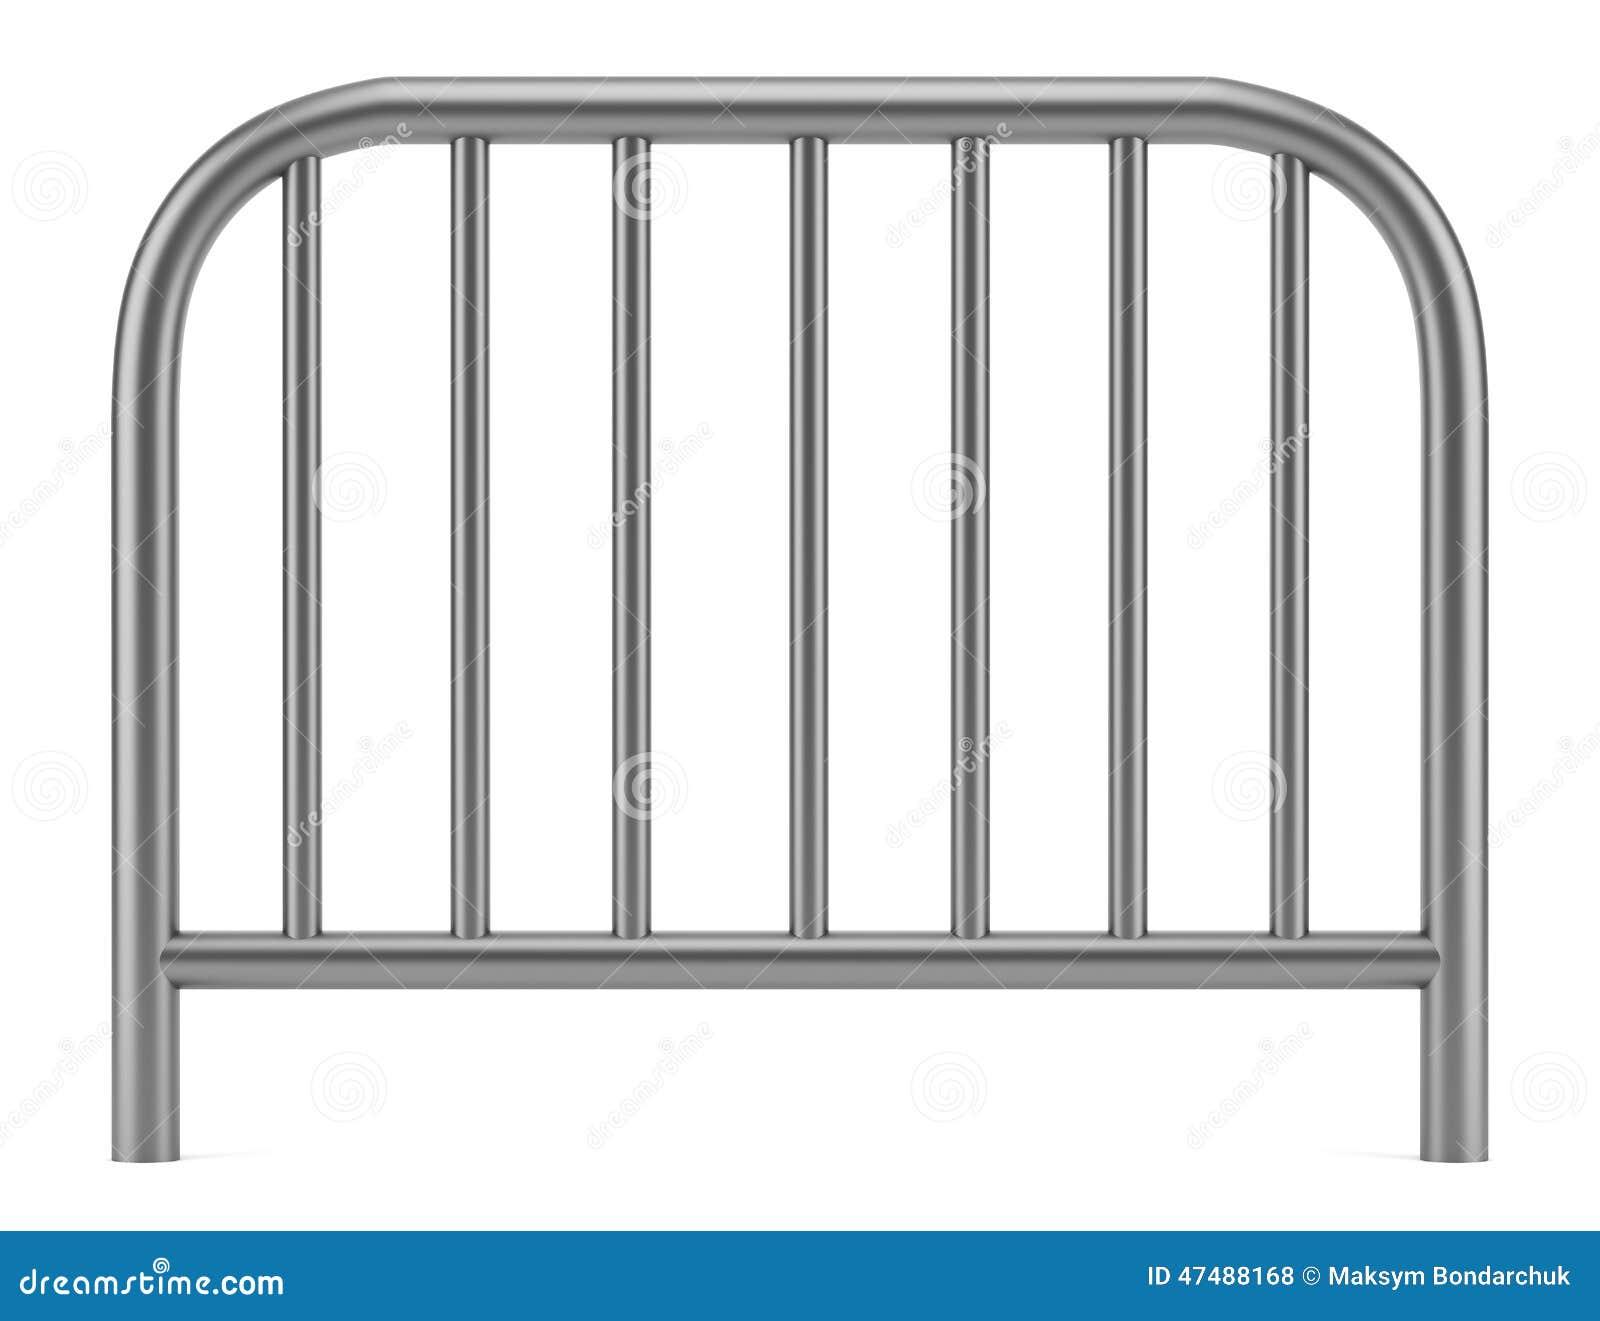 barri re m tallique de trottoir d 39 isolement sur le blanc. Black Bedroom Furniture Sets. Home Design Ideas